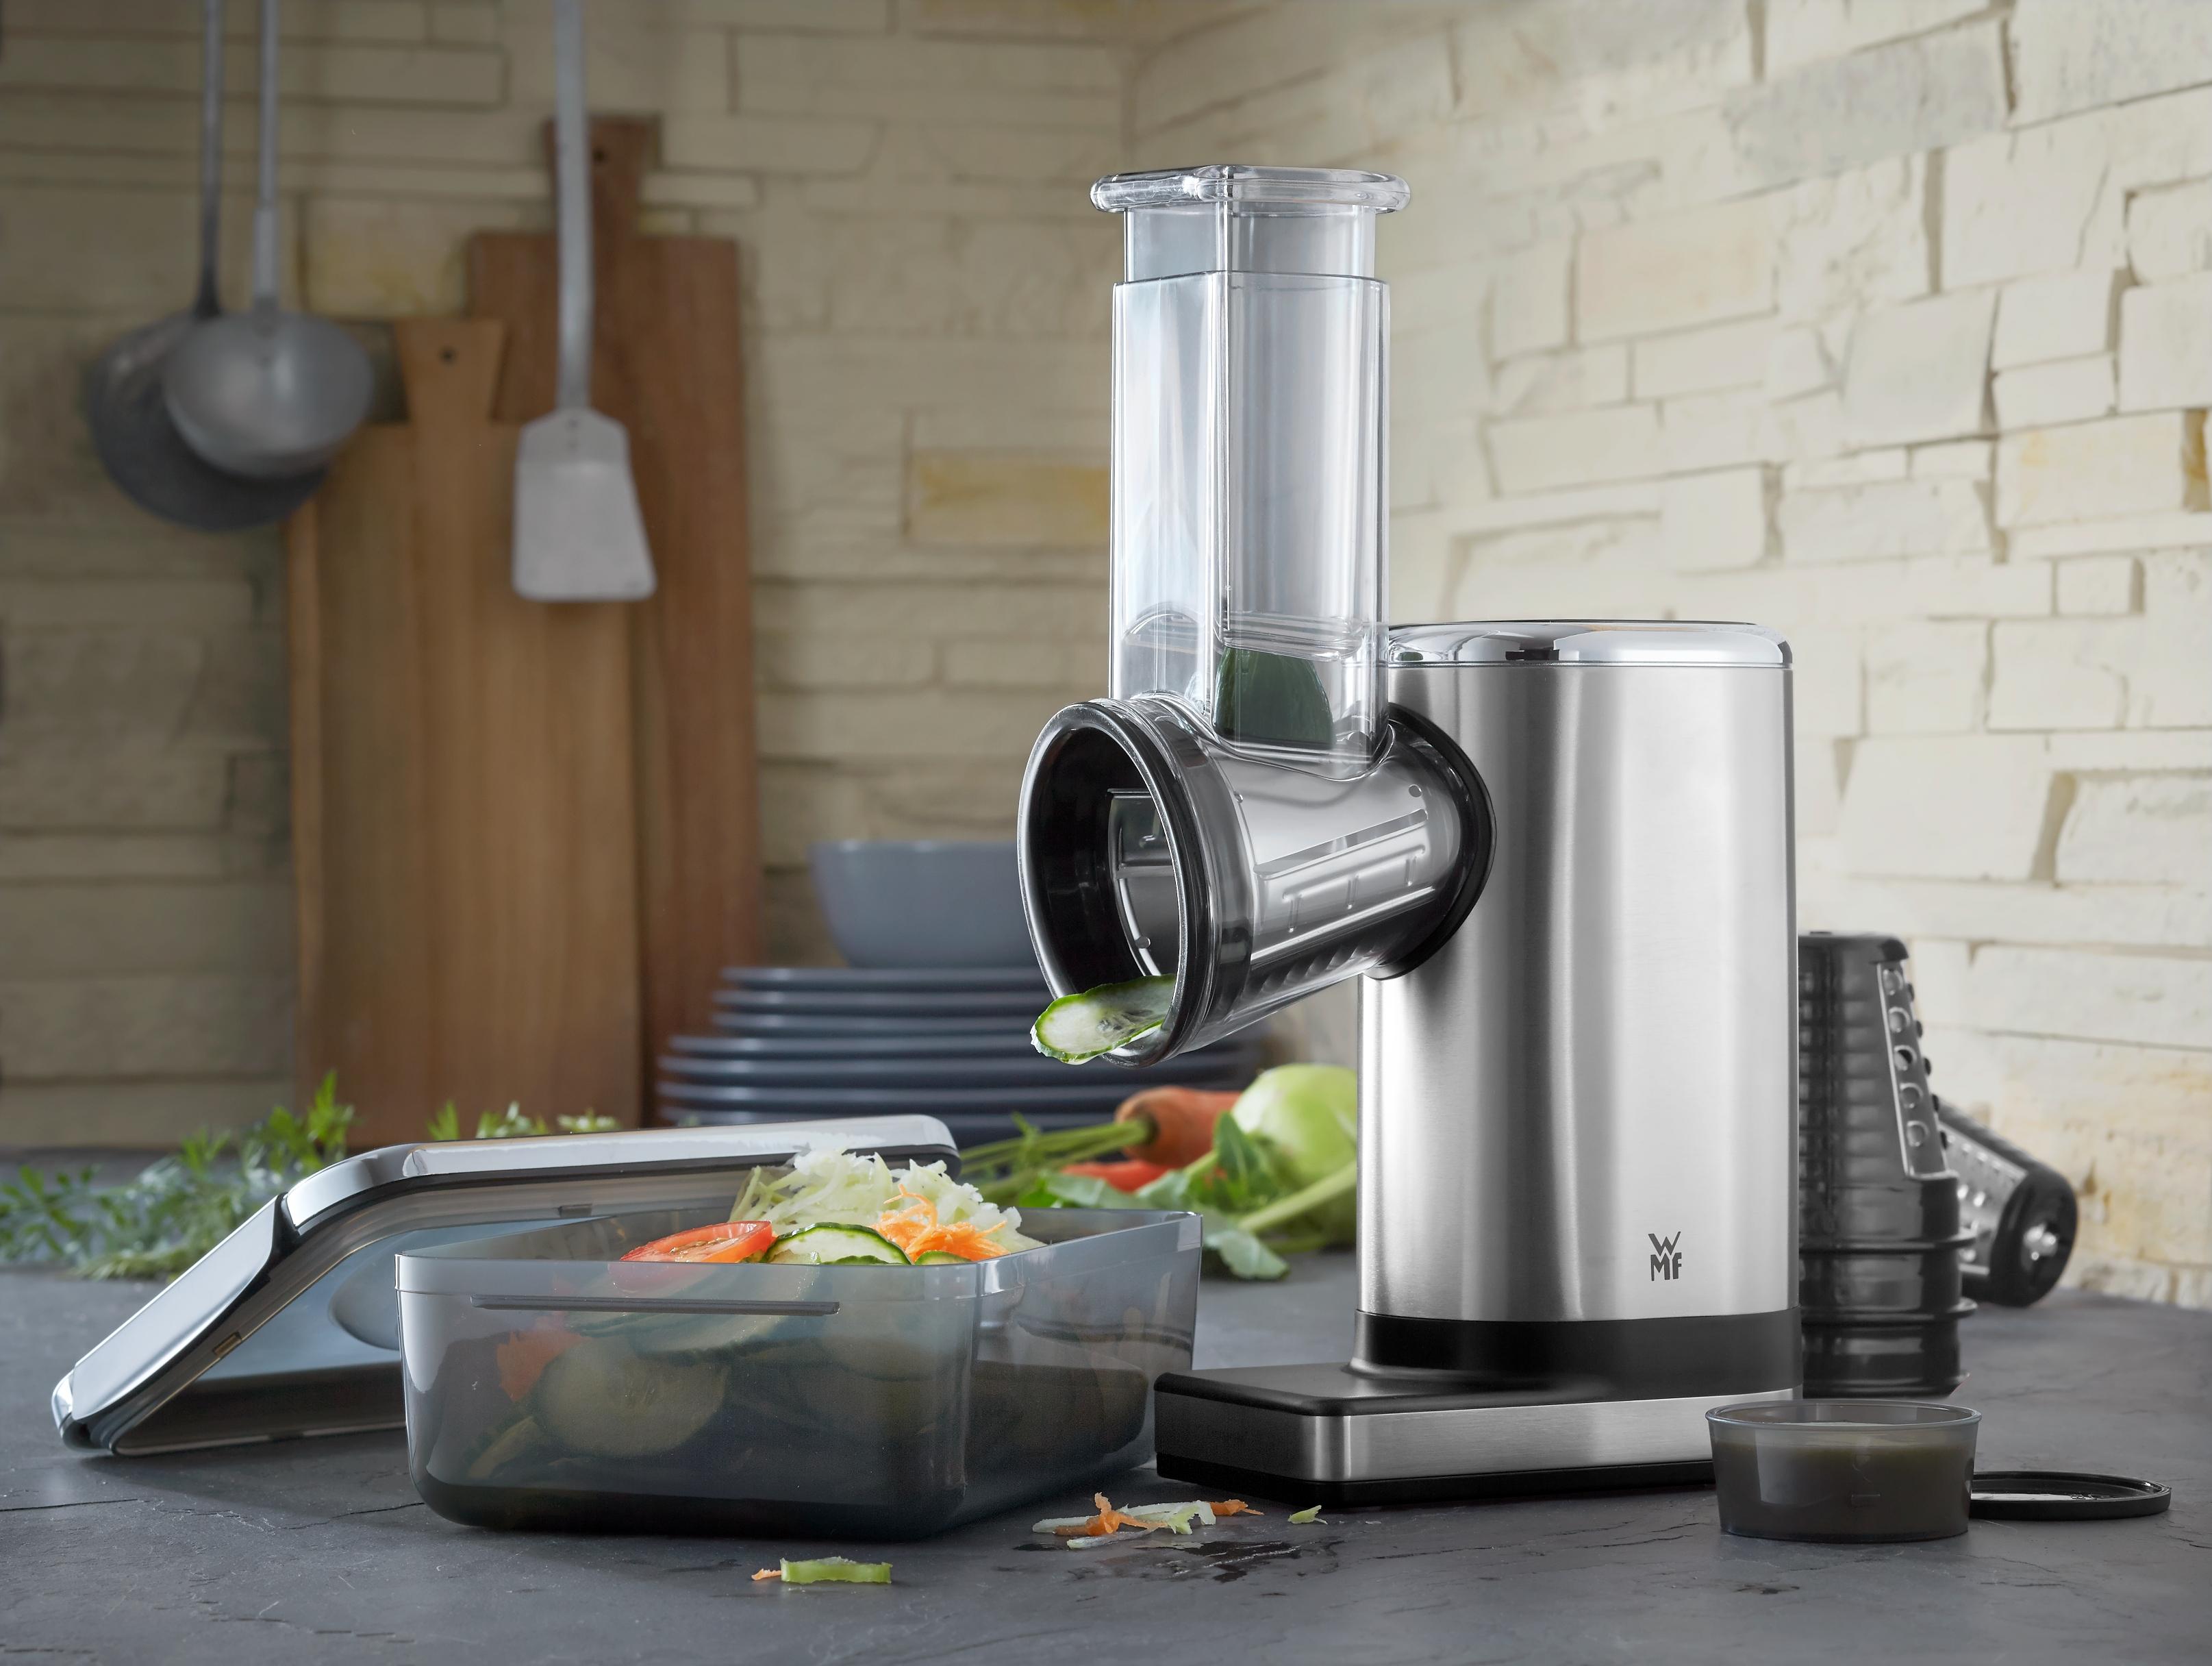 En sevdiğiniz salataları evinizin mutfağında ve şef profesyonelliğinde hazırlayın.